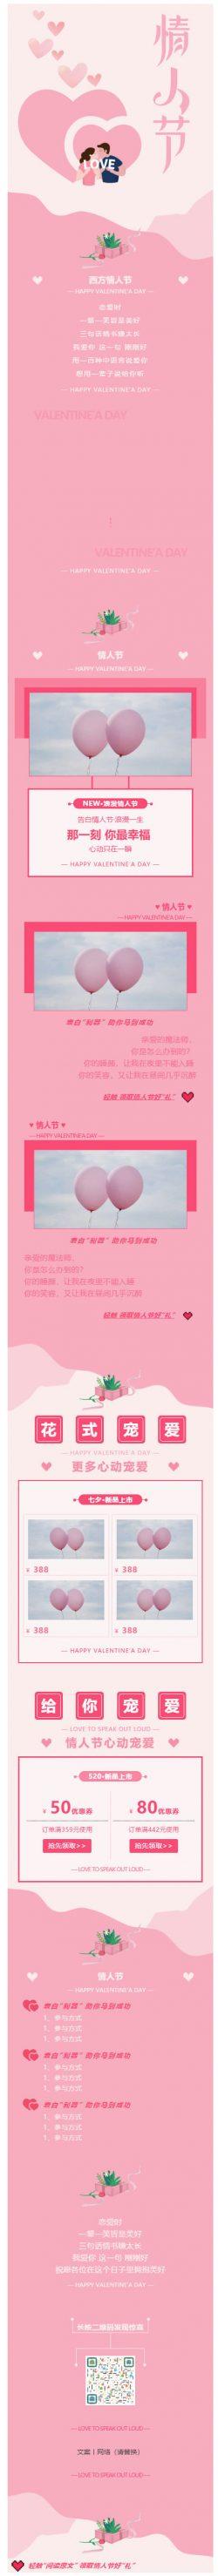 情人节— HAPPY VALENTINE'A DAY —粉红色爱心微信推送图文模板推文素材